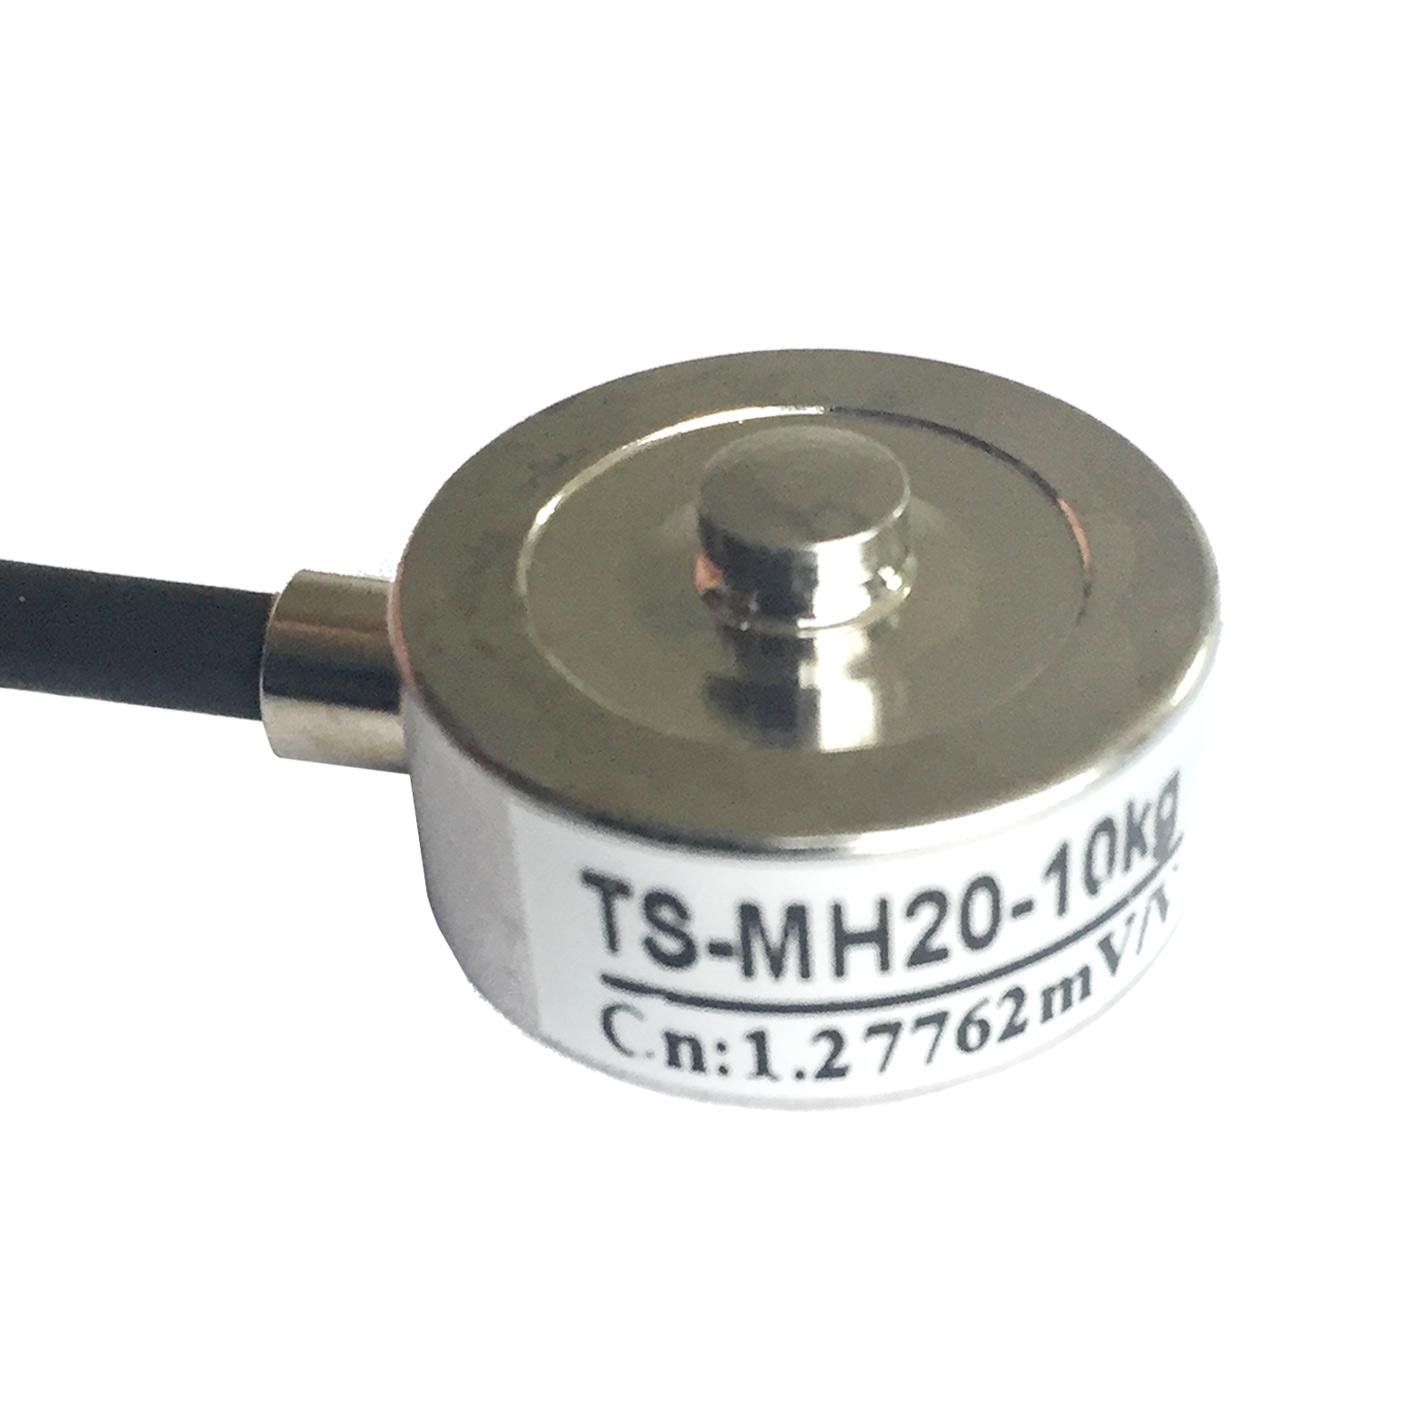 測力傳感器代理-深圳哪里有供應高性價測力傳感器